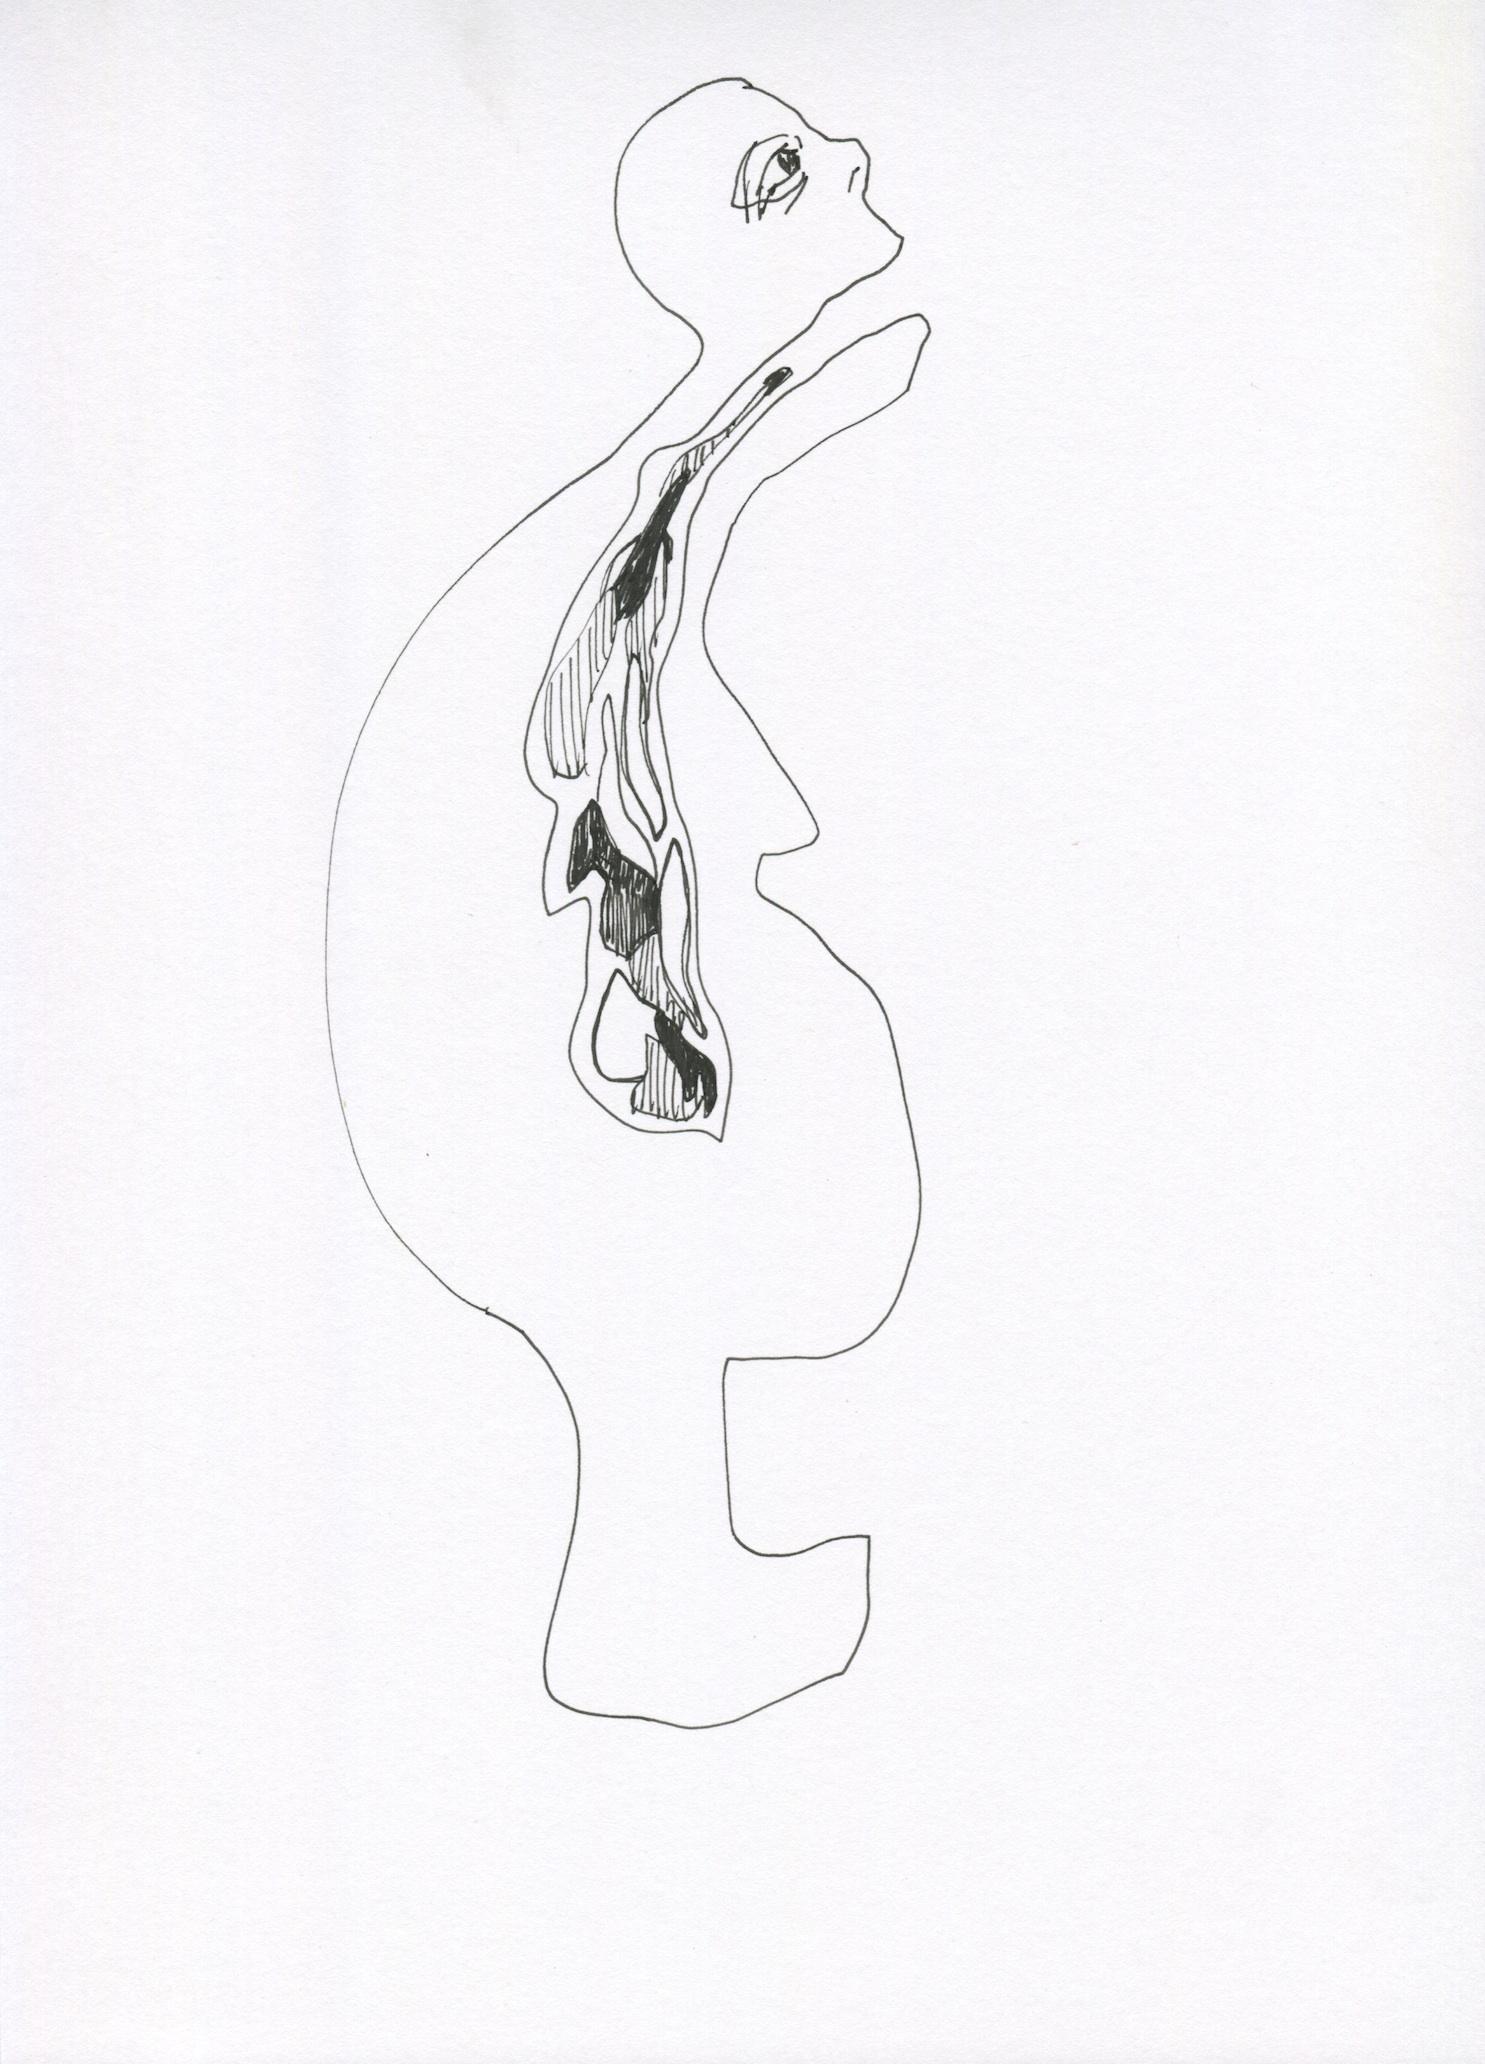 Blah from the Venus of Brisbane series, 2015, Ink on paper, 21.0 x 30.0 cm